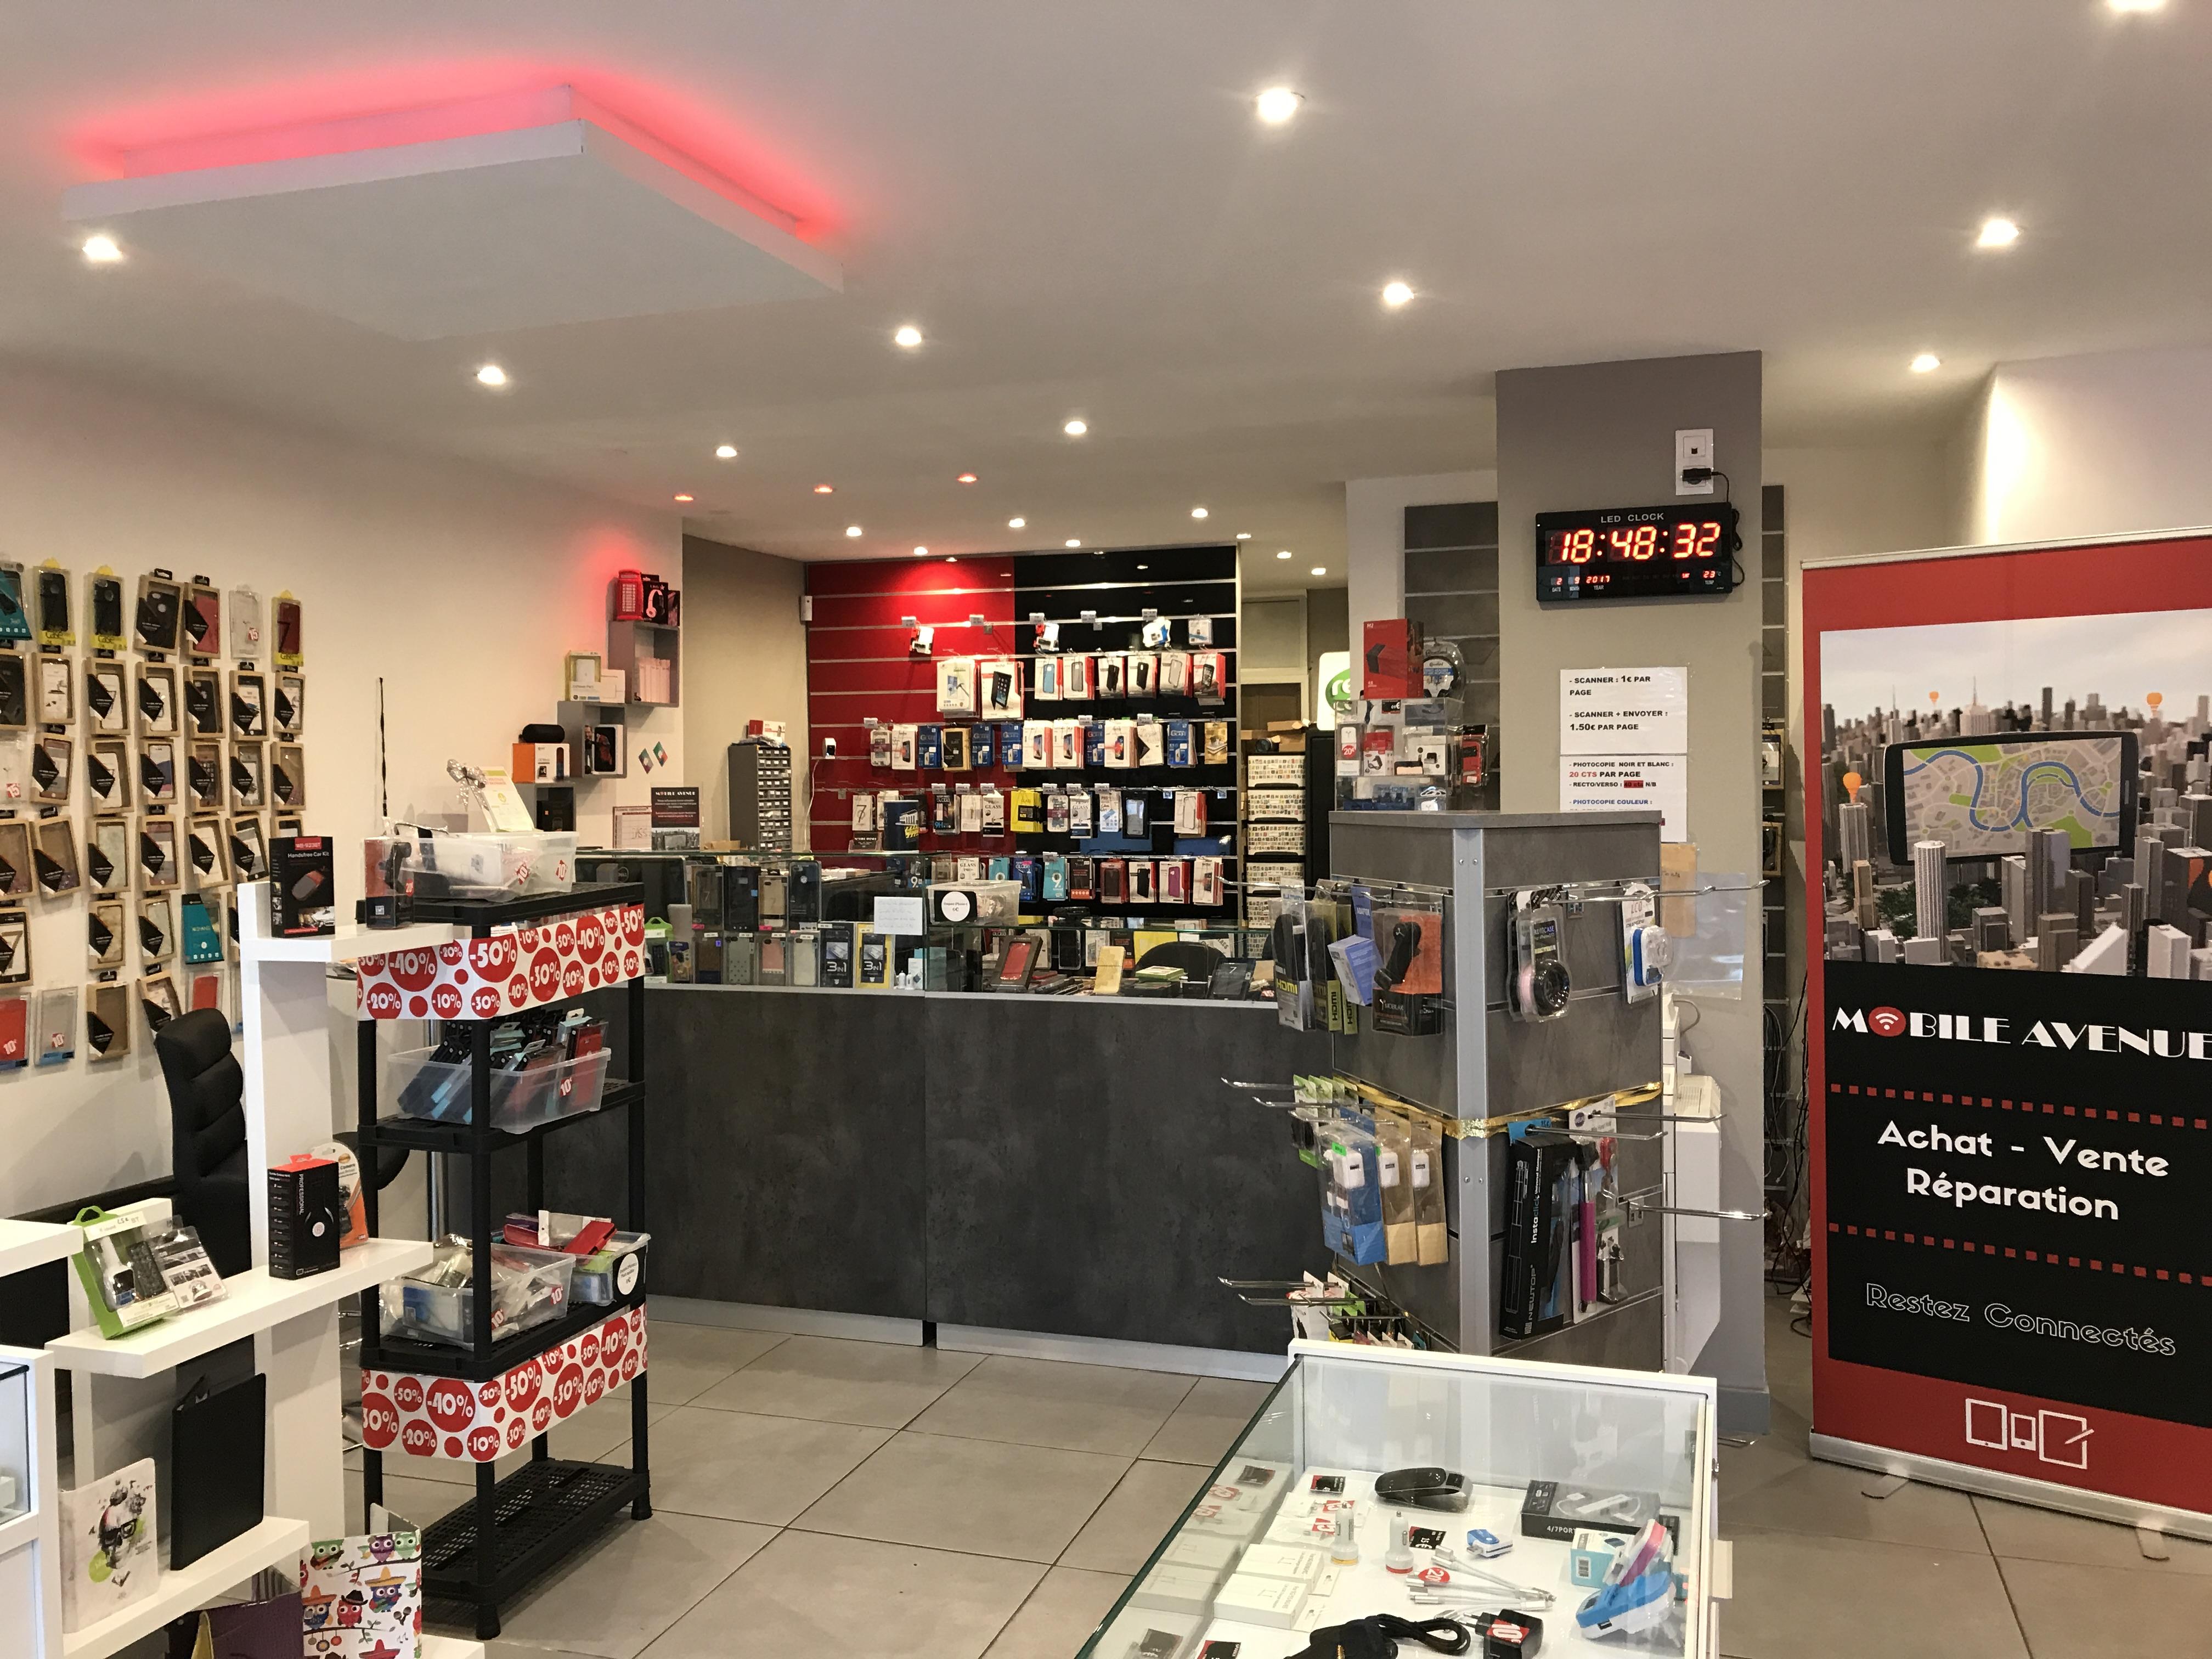 Votre magasin de téléphonie à Annecy